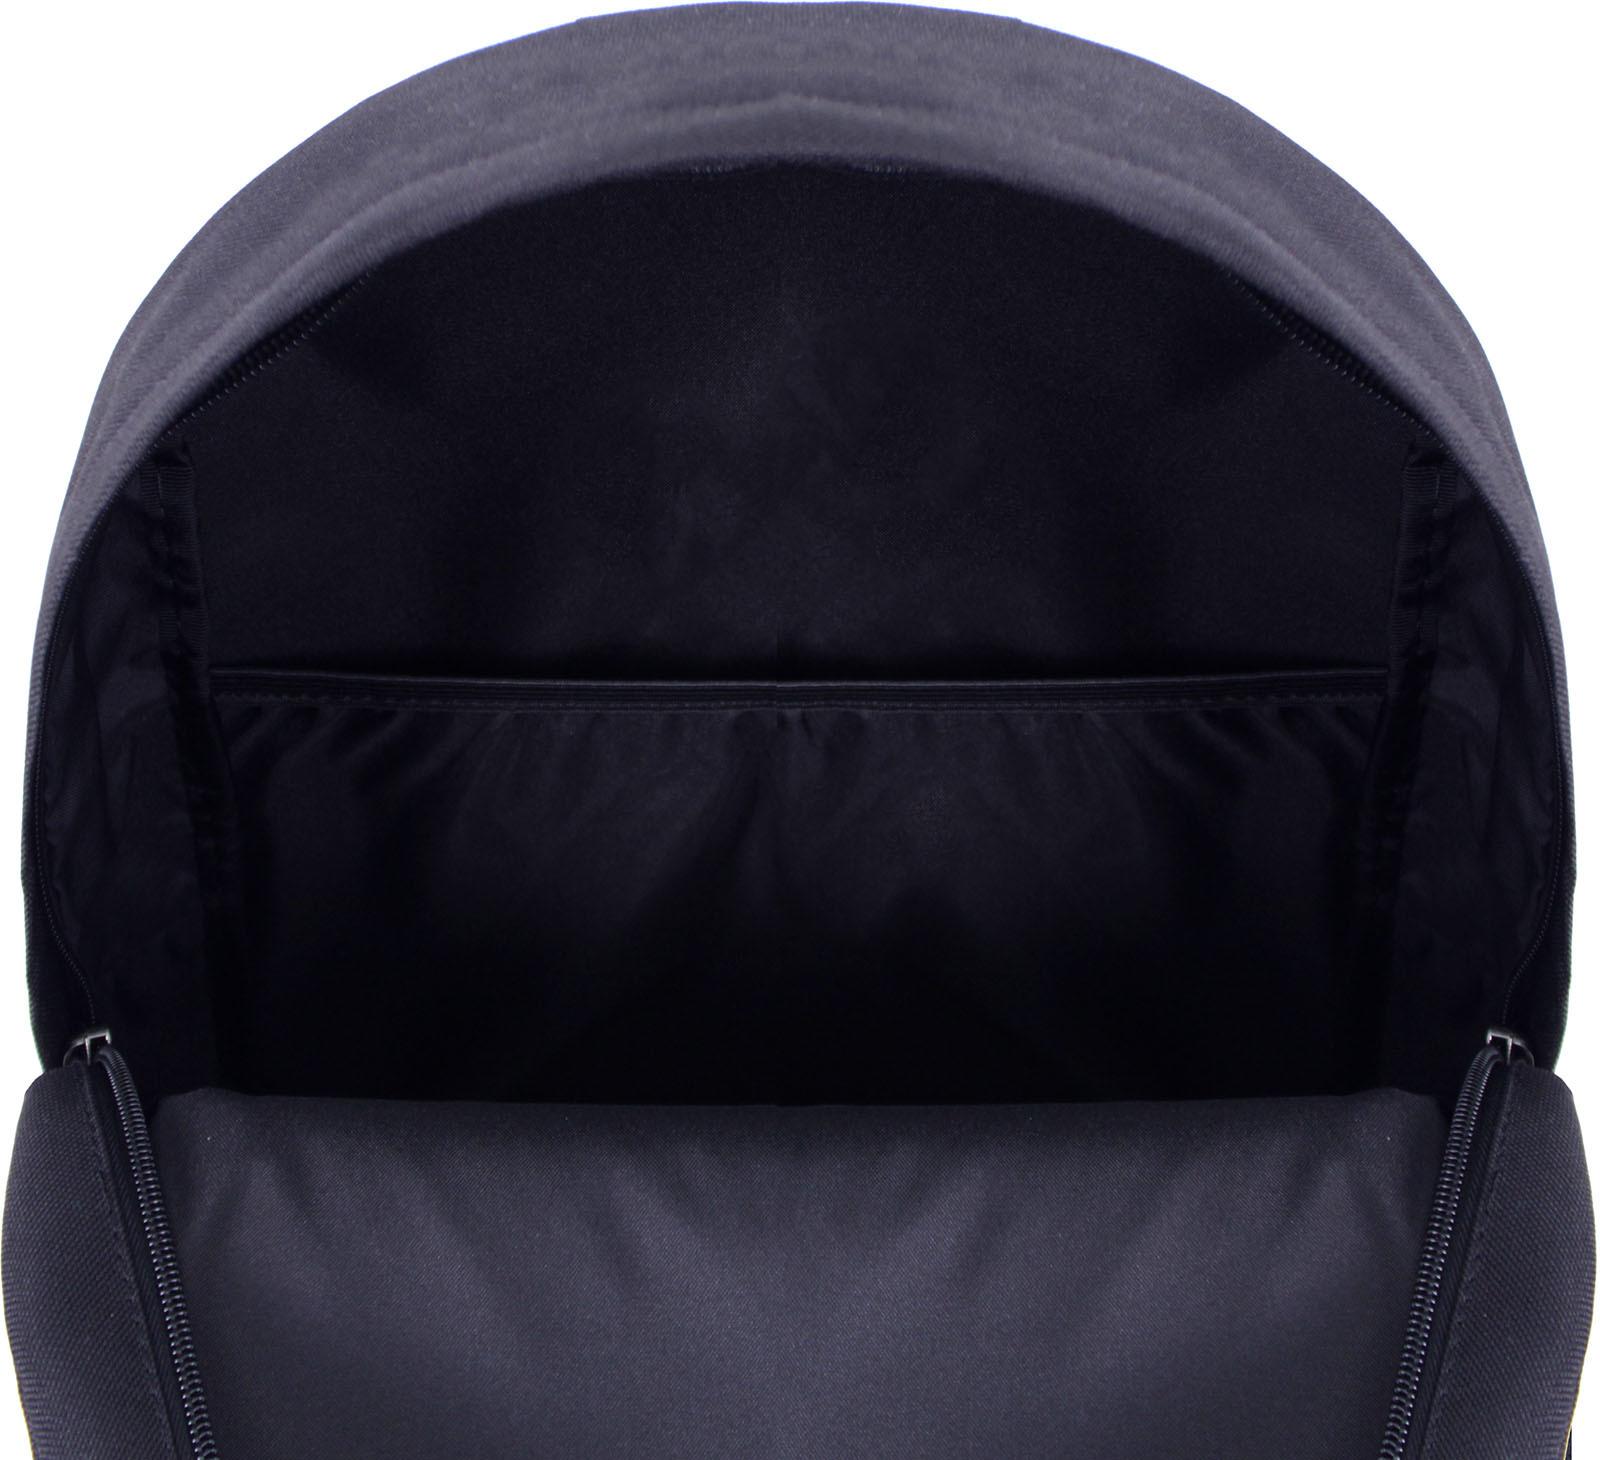 Рюкзак Bagland Молодежный W/R 17 л. Черный 760 (00533662) фото 5